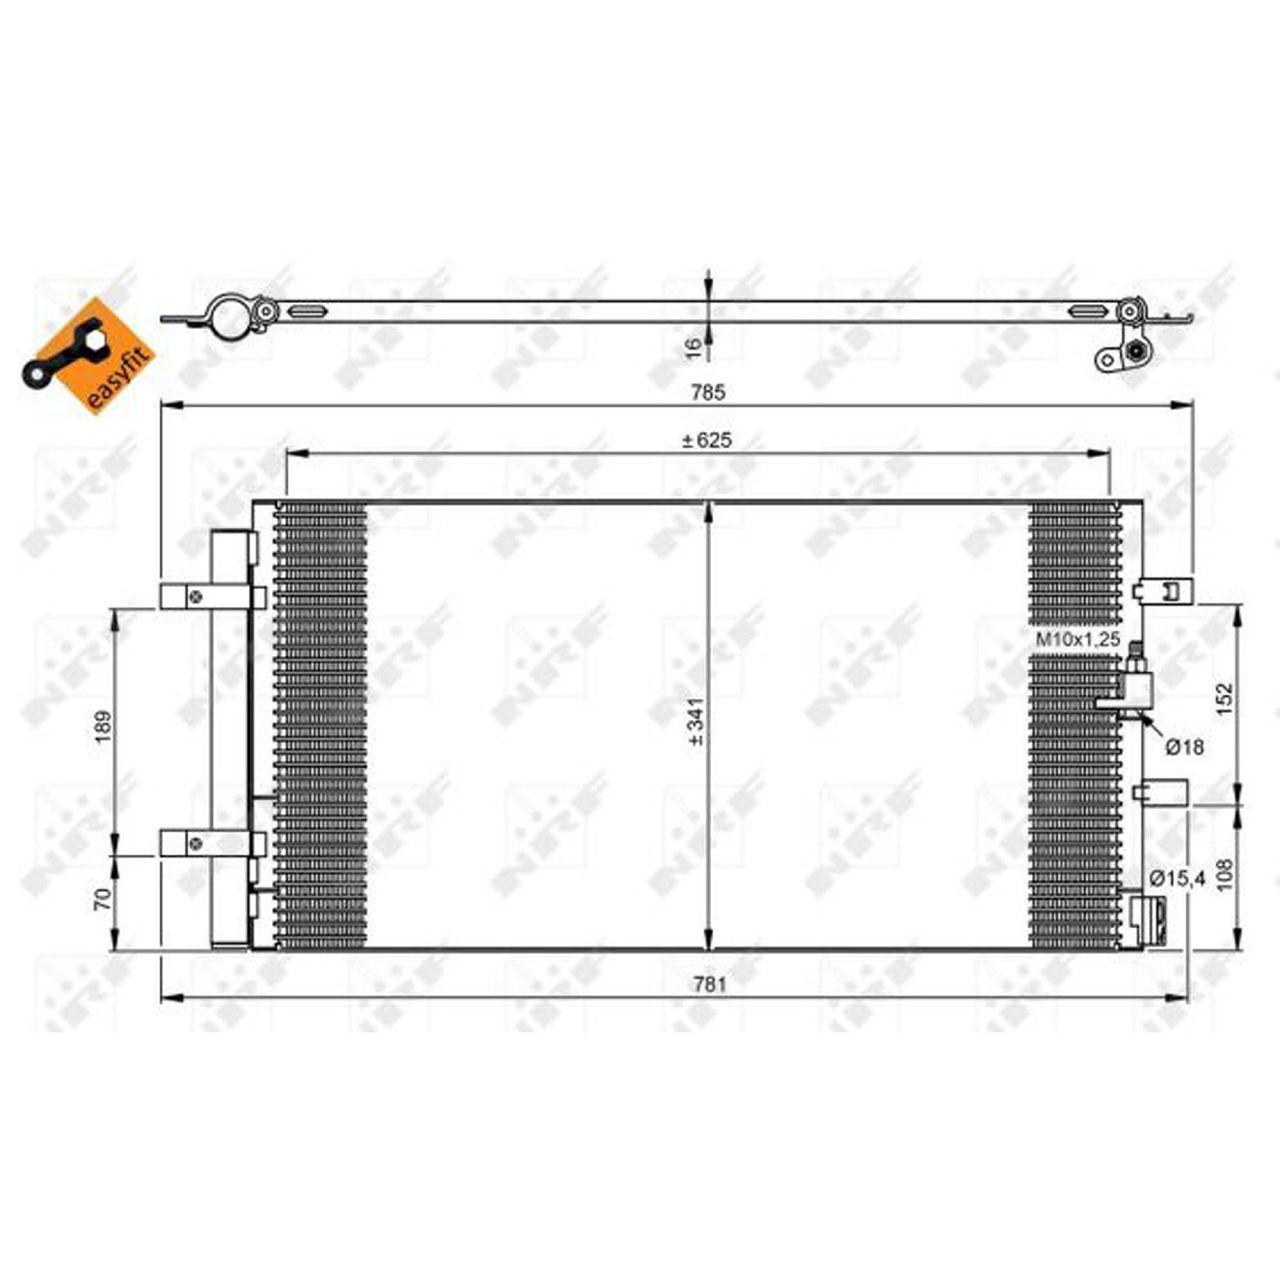 NRF 350046 EASY FIT Kondensator AUDI A4 B8 A5 8T A6 C7 Q5 8R 1.8-3.2 2.0 TDI PORSCHE Macan